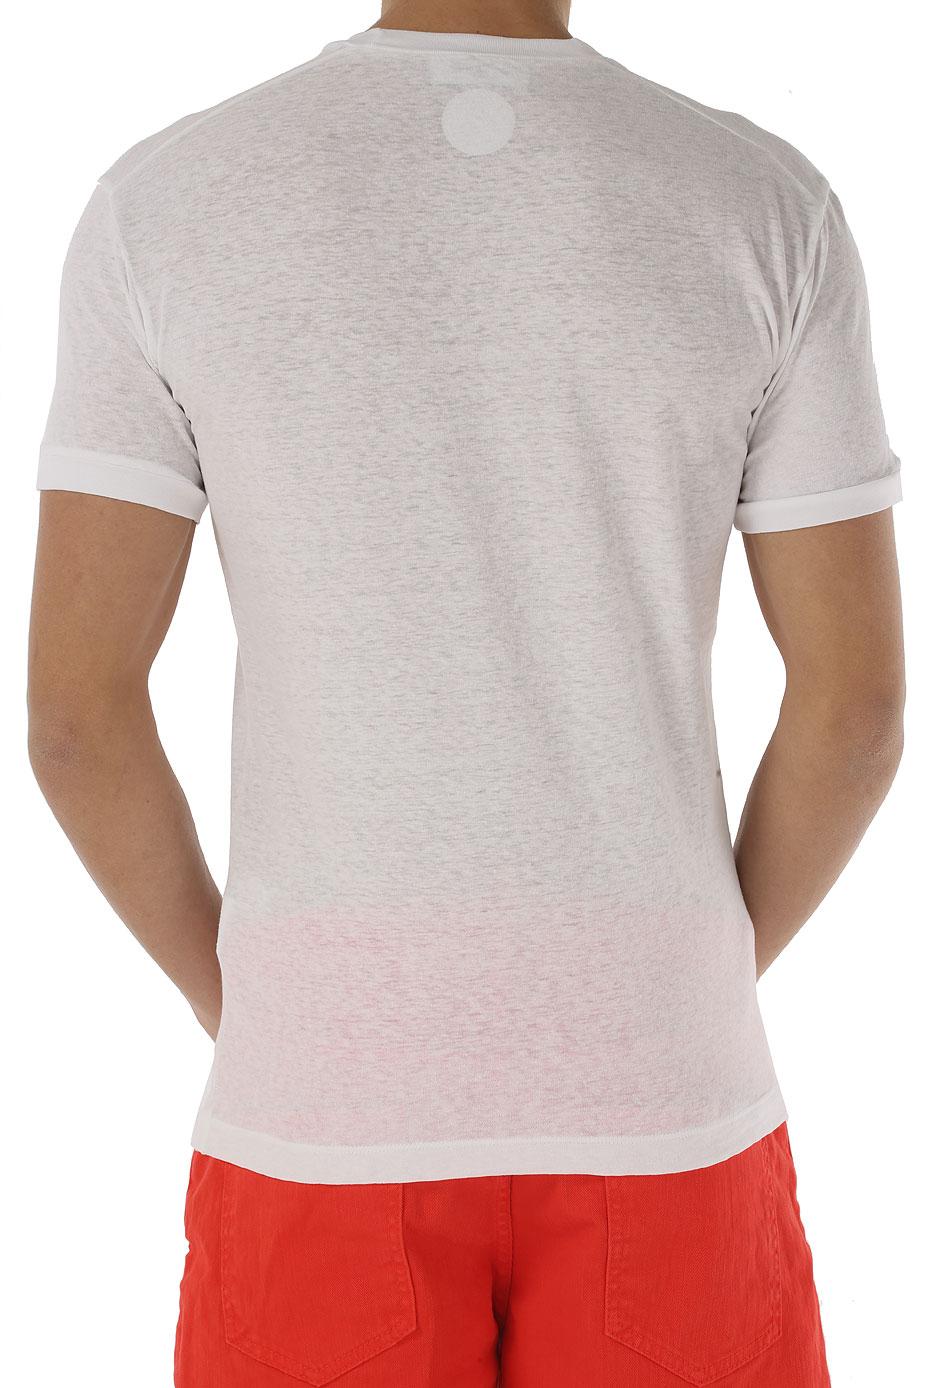 Abbigliamento Uomo Dsquared Codice Articolo Gd0191-s22507-100